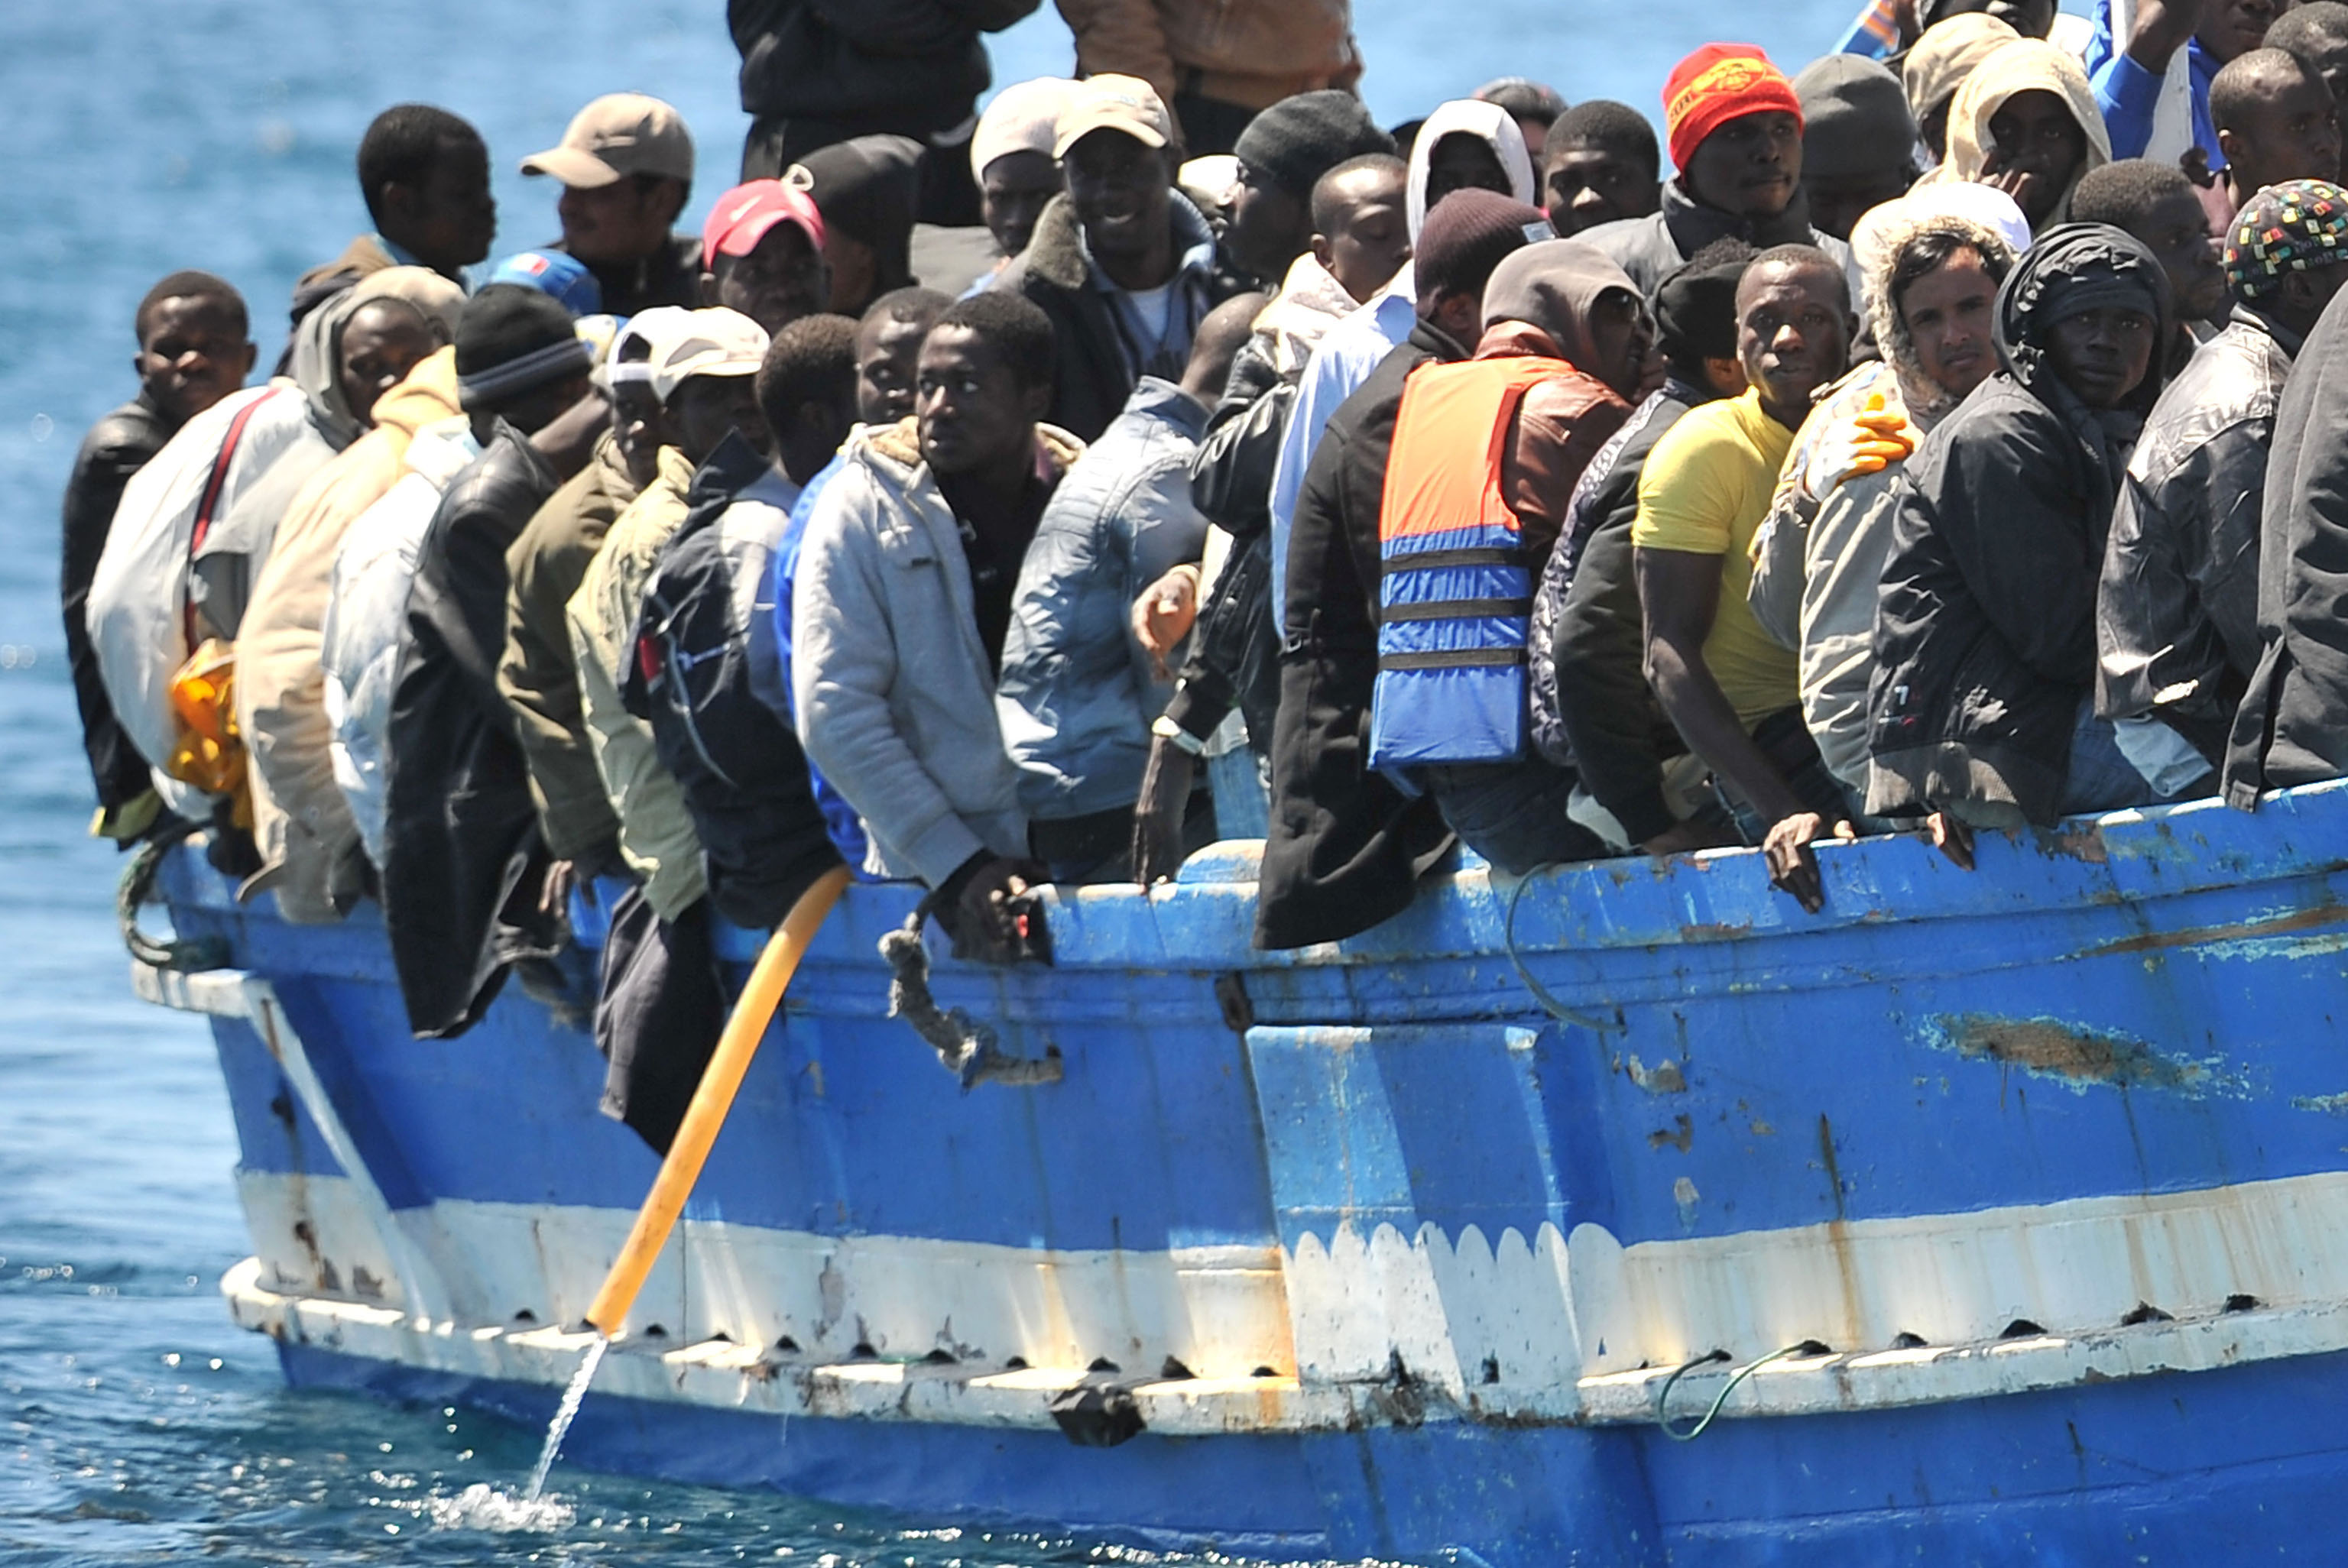 Strage di migranti a Lampedusa: barcone si ribalta provocando dieci morti. 941 persone tratte in salvo dalla Guardia Costiera